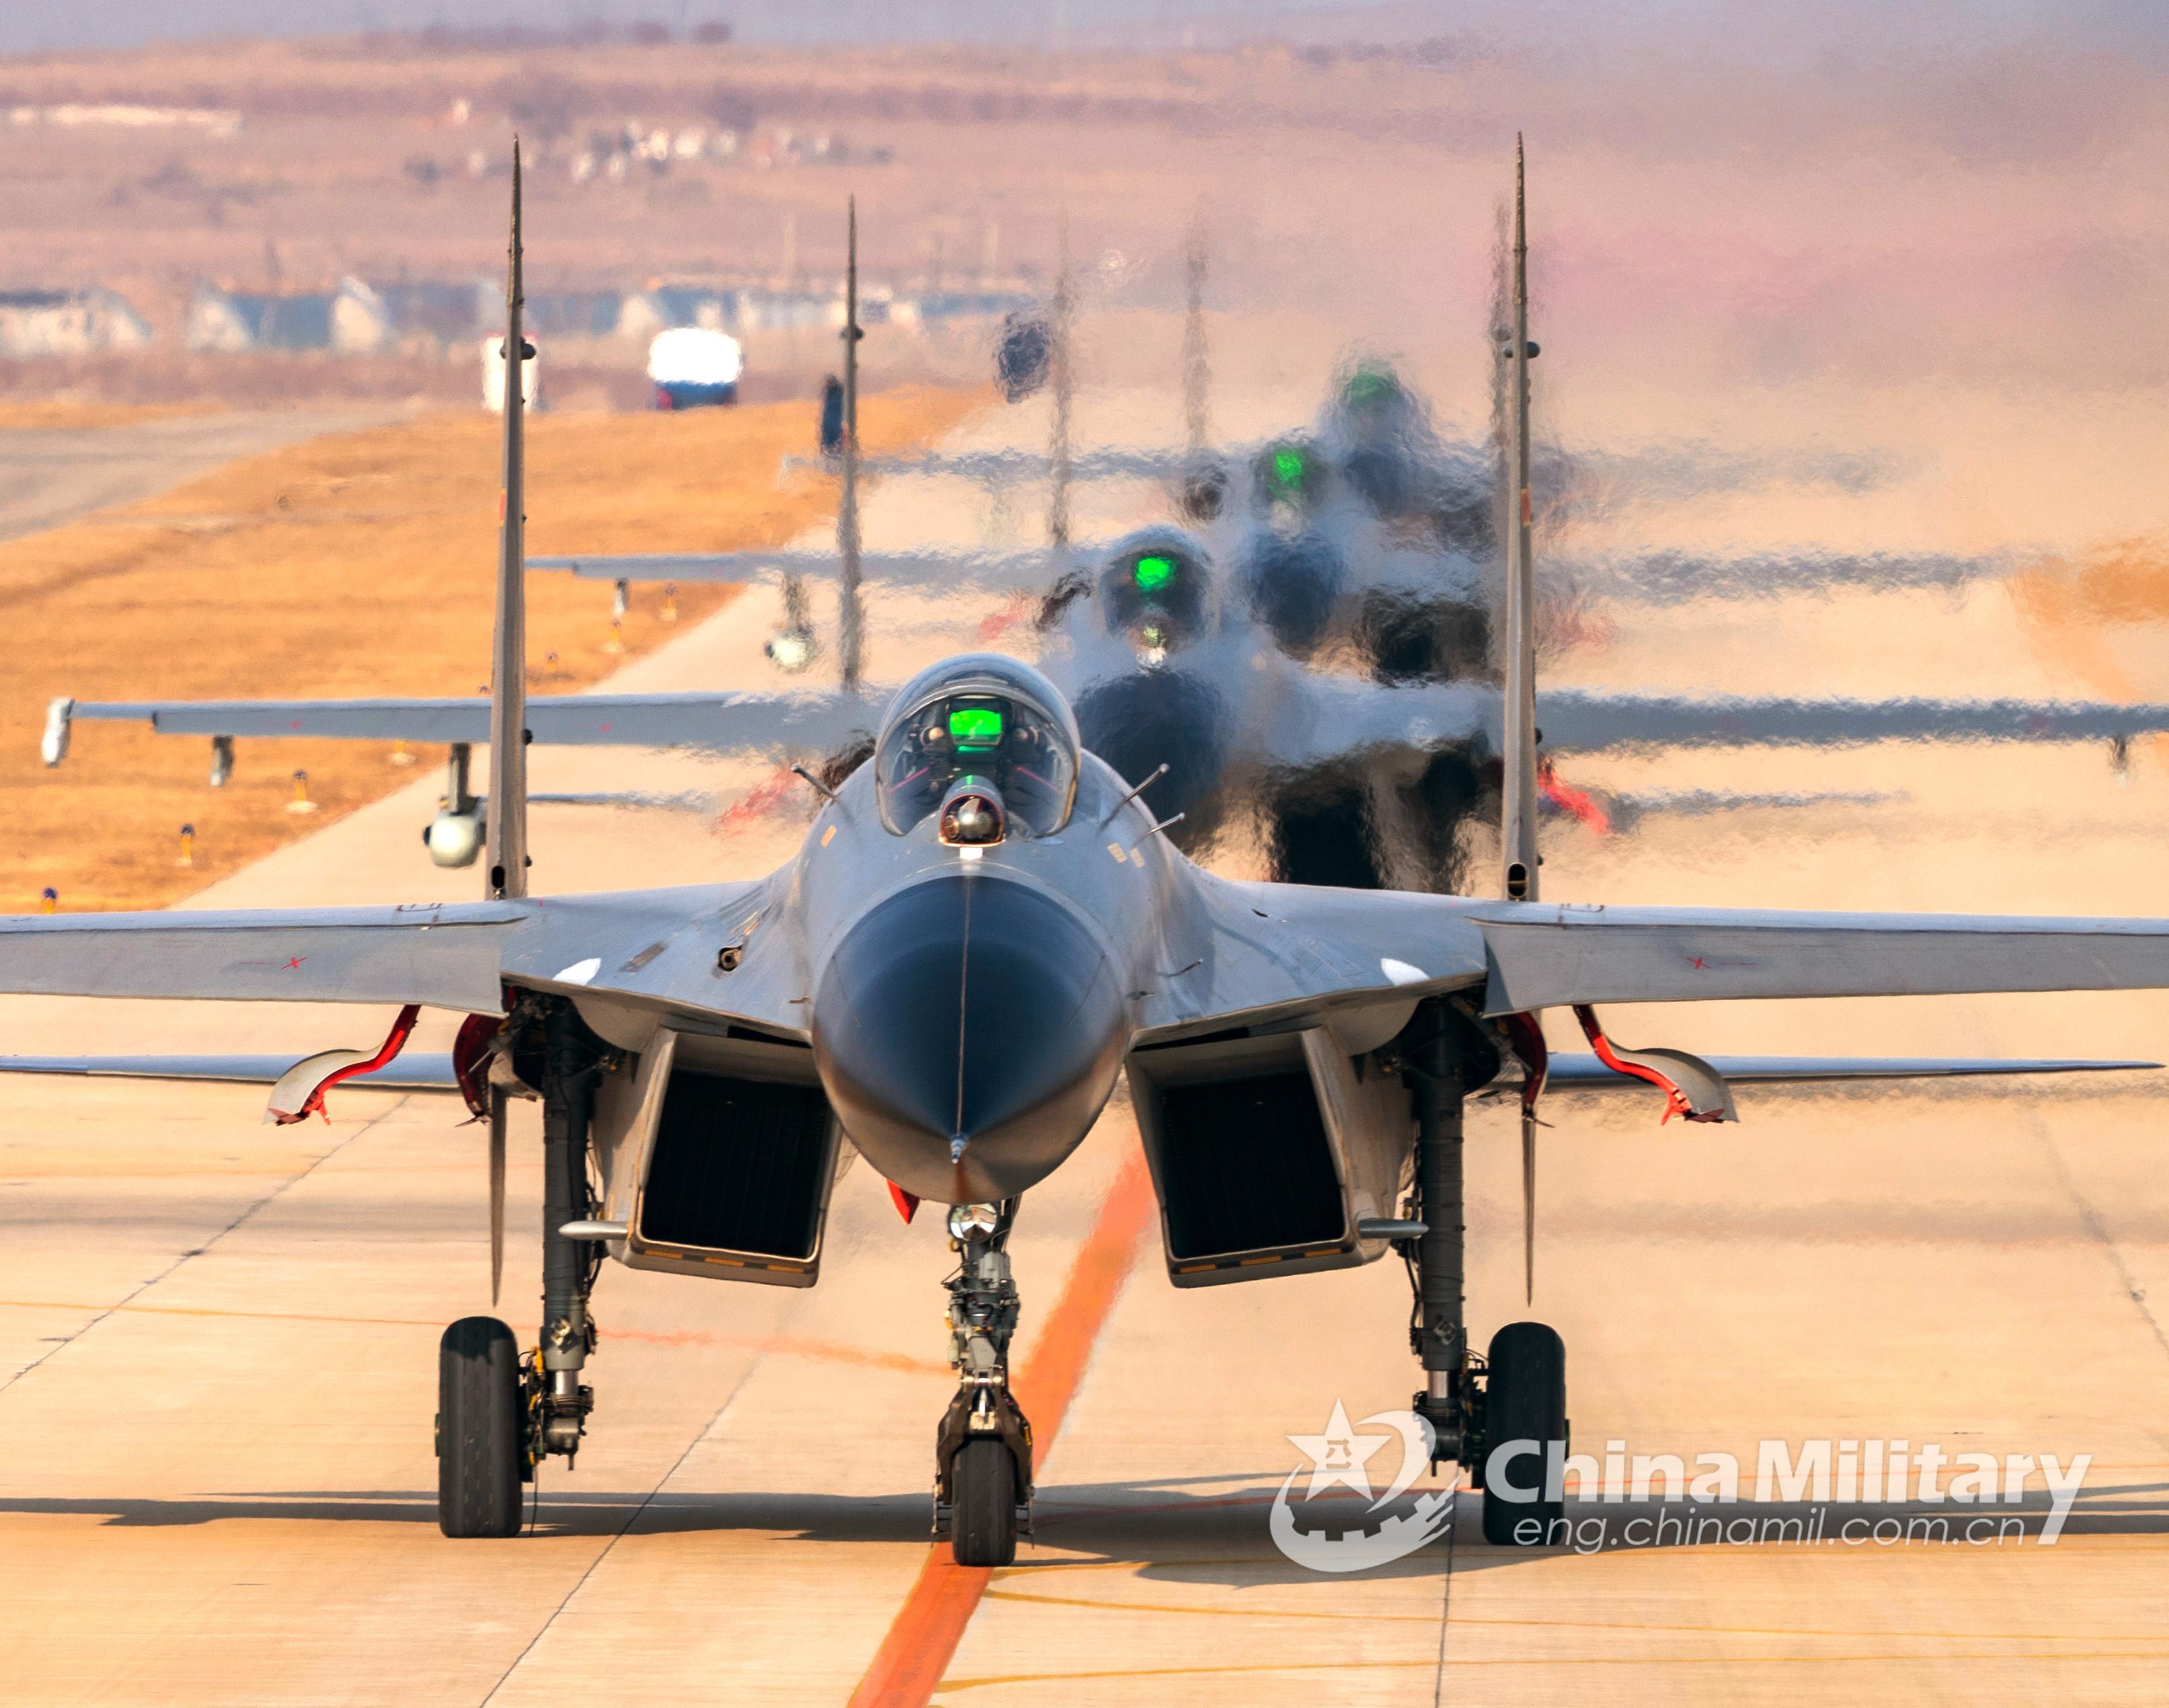 歼-11战斗机最新猛照曝光?列队滑行起飞训练